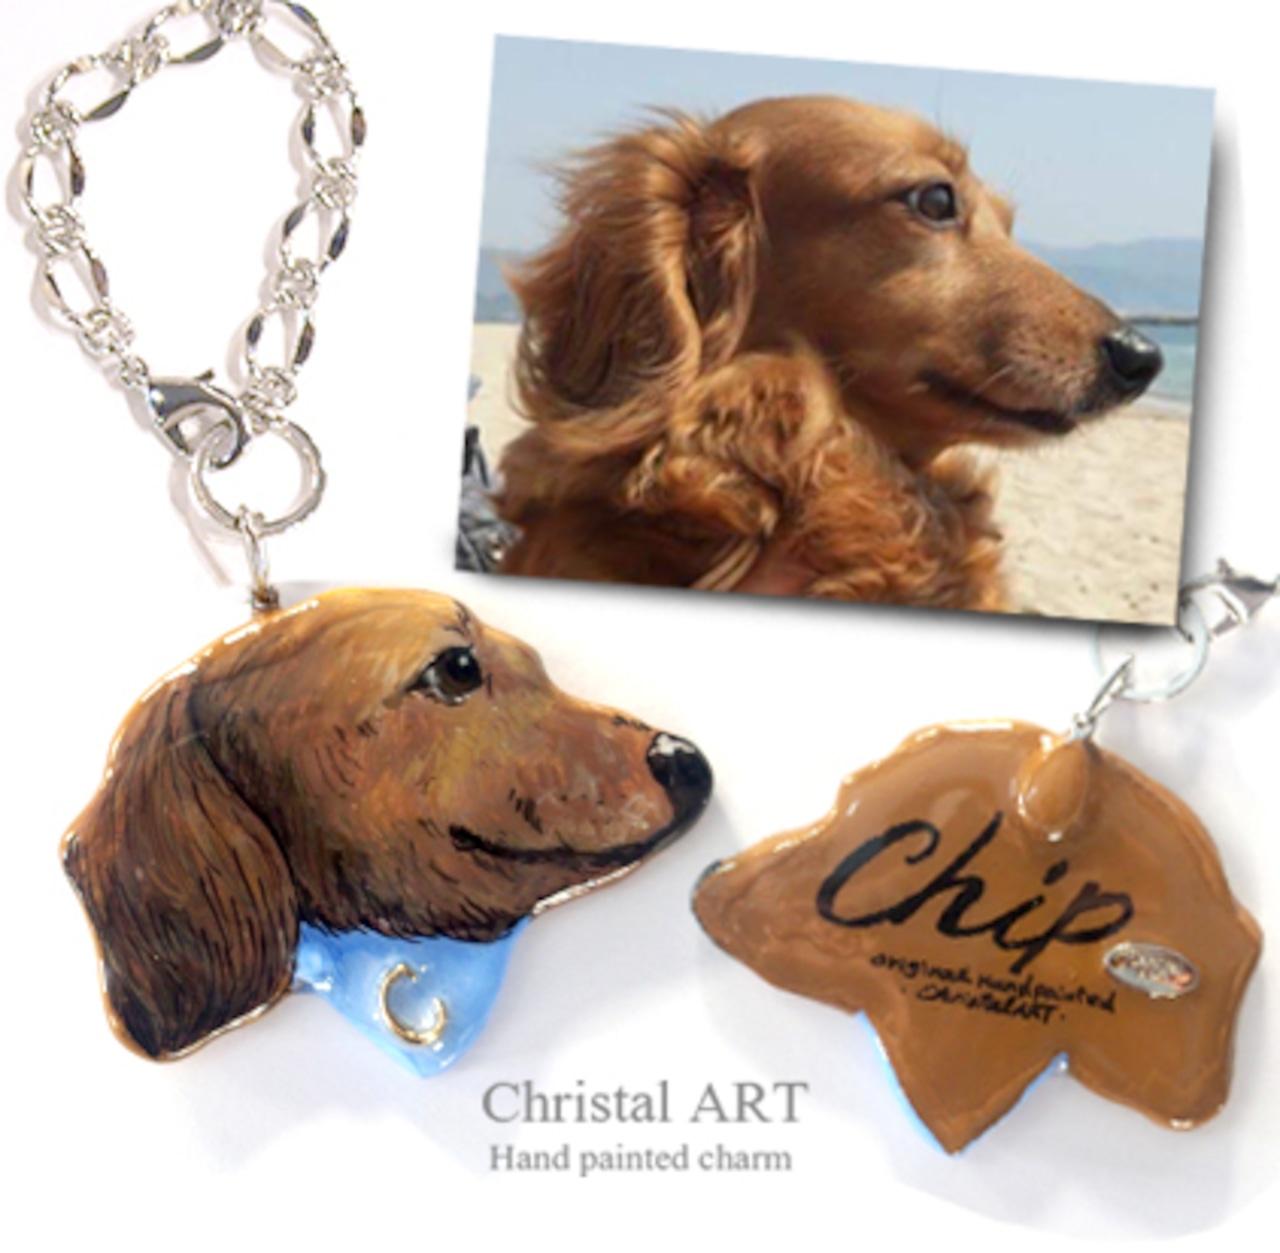 ◆手描き似顔絵チャーム◆お写真を元に手描きの似顔絵チャームを製作致します